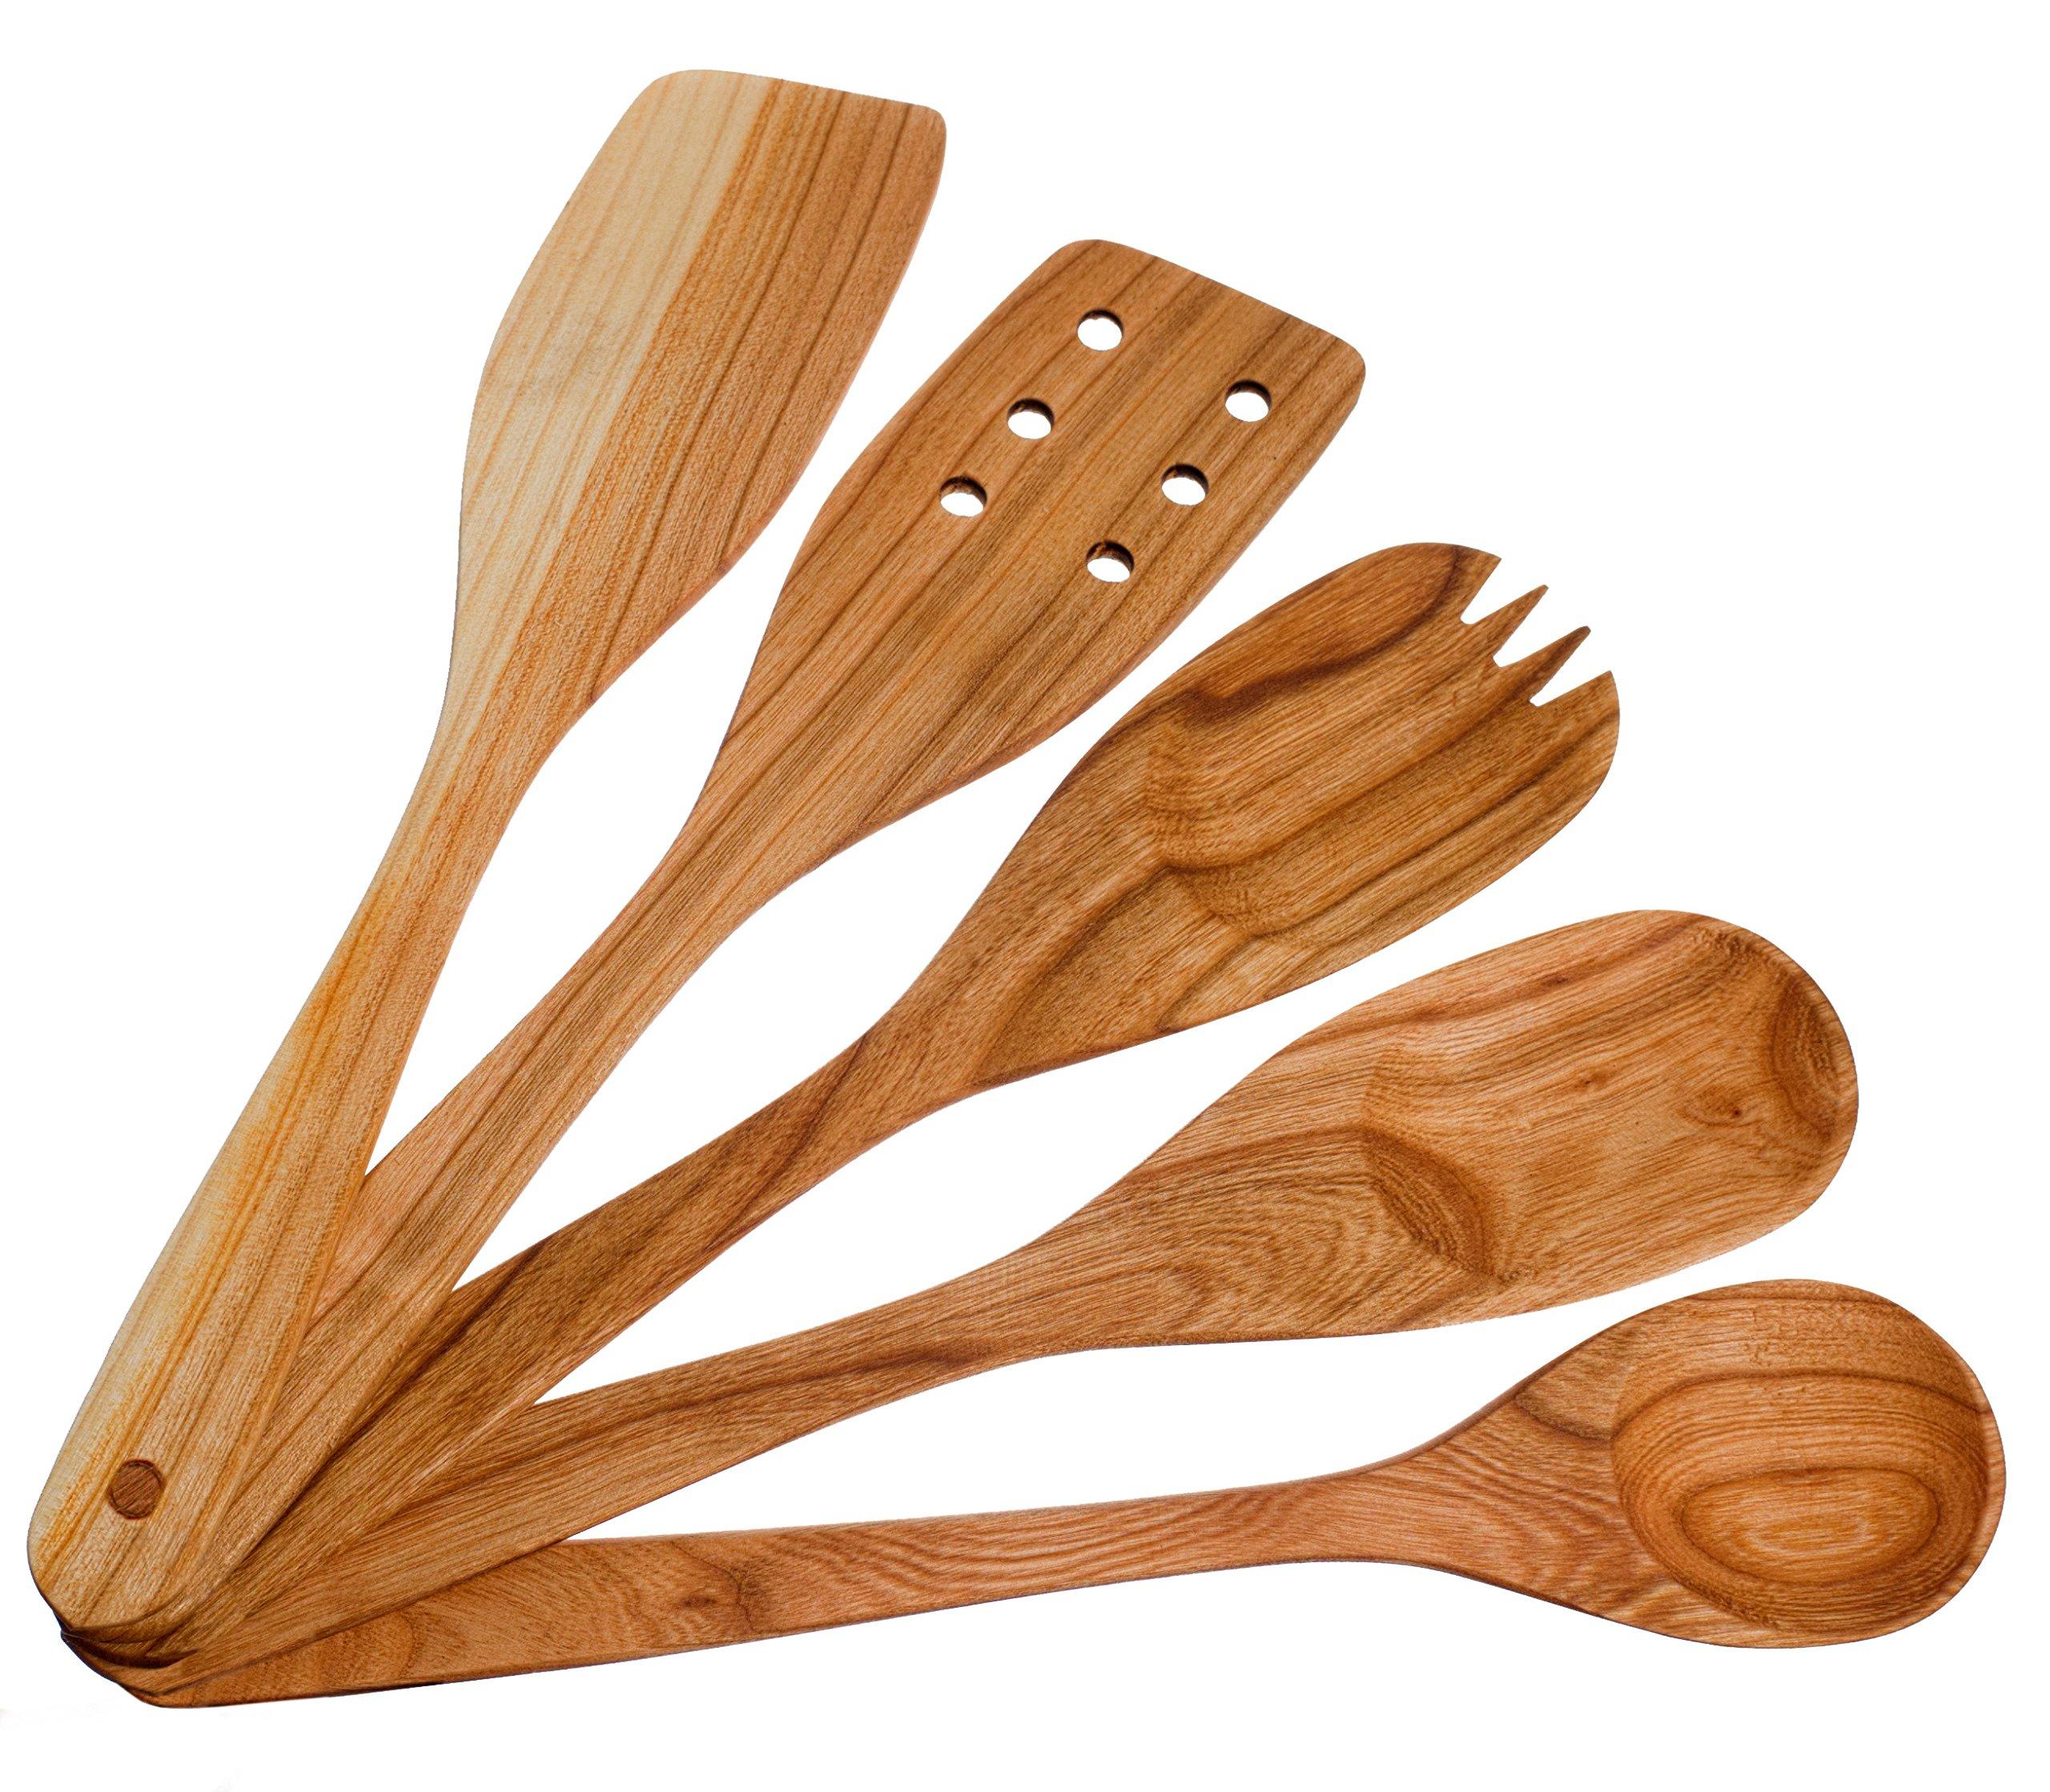 Handmade Utensil Set. Wooden Cute Kitchen Utensils 12''/30 cm. Cherry Wood Kitchen Supplies & Utensils Set of 5 by MyFancyCraft (Image #1)